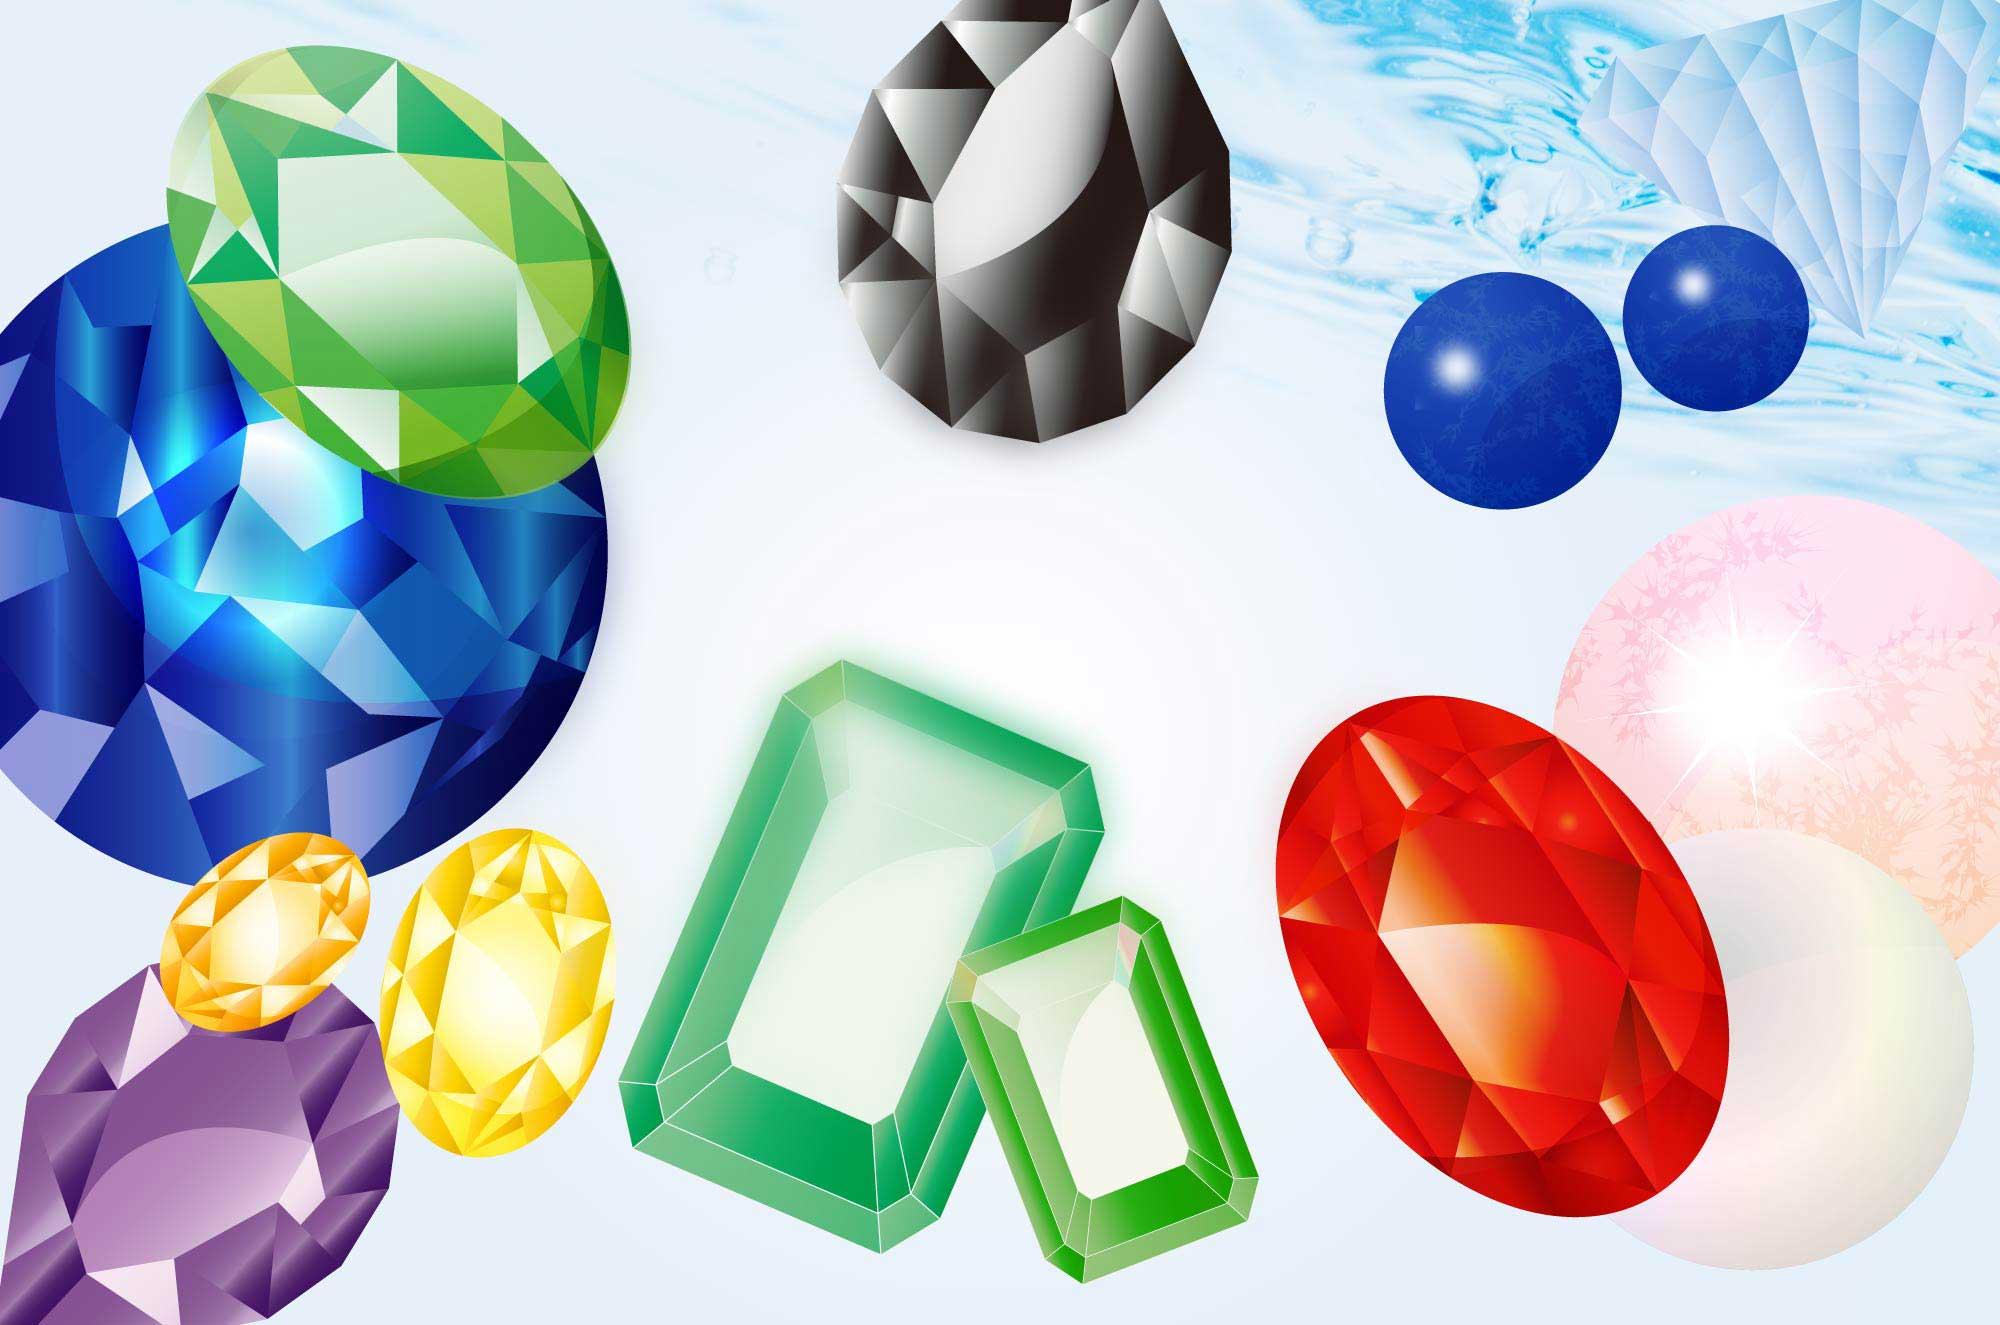 宝石イラスト 誕生石綺麗に輝く美しい装飾無料素材集 チコデザ